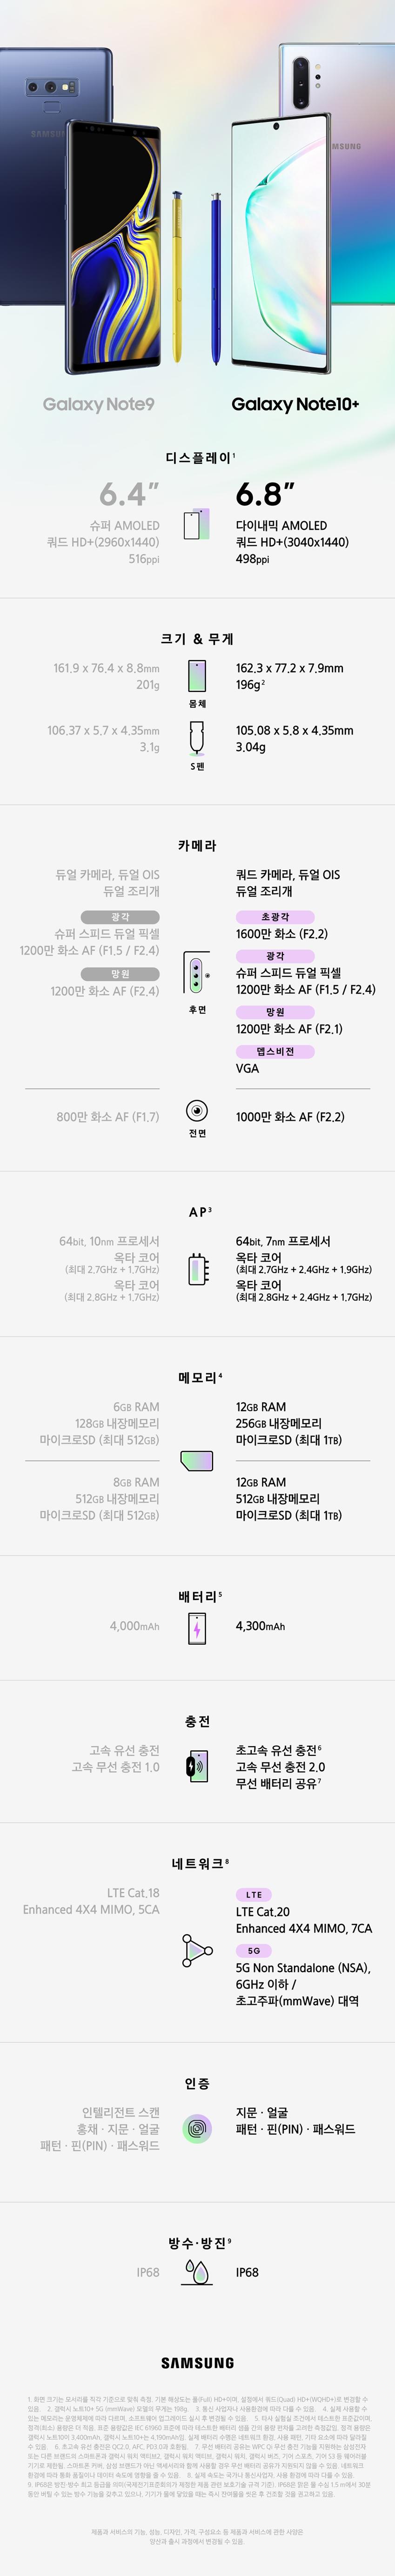 Galaxy Note9 디스플레이1 6.4'' 슈퍼 AMOLED 쿼드 HD+(2960x1440) 516ppi 크기&무게 몸체 161.9x76.4x8.8mm 201g S펜 106.37x5.7x4.35mm 3.1g 카메라 후면 듀얼 카메라, 듀얼 OIS 듀얼 조리개 광각 슈퍼 스피드 듀얼 픽셀 1200만 화소 AF (F1.5 / F2.4) 망원 1200만 화소 AF (F2.4) 전면 800만 화소 AF (F1.7) AP3 64bit, 10nm 프로세서 옥타 코어 (최대 2.7GHz+1.7GHz) 옥타 코어 (최대 2.8GHz+1.7GHz) 메모리4 6GB RAM 128GB 내장메모리 마이크로SD (최대512GB) 8GB RAM 512GB 내장메모리 마이크로SD (최대512GB) 배터리5 4,000mAh 충전 고속 유선 충전 고속 무선 충전 1.0 네트워크8 LTE Cat.18 Enhanced 4X4 MIMO, 5CA 인증 인텔리전트 스캔 홍채 지문 얼굴 패턴 핀(PIN) 패스워드 방수방진9 IP68 Galaxy Note10+ 디스플레이1 6.8'' 다이내믹 AMOLED 쿼드 HD+ (3,040X1,440) 498ppi 크기 & 무게 몸체 162.3 X 77.2 X 7.9mm 196g2 S펜 105.08 X 5.8 X 4.35mm 3.04g 카메라 후면 쿼드 카메라, 듀얼 OIS 듀얼 조리개 초광각 1,600만 화소 (F2.2) 광각 슈퍼 스피드 듀얼 픽셀 1,200만 화소 AF(F1.5 / F2.4) 망원 1,200만 화소 AF (F2.1) 뎁스비전 VGA 앞면 1,000만 화소, AF (F2.2) AP3 64비트, 7nm 프로세서 옥타 코어 (최대 2.7GHz+2.4GHz+1.9GHz) 옥타 코어 (최대 2.8GHz+2.4GHz+1.7GHz) 메모리4 12GB RAM 256GB 내장메모리 마이크로SD(최대 1TB) 12GB RAM 512GB 내장메모리 마이크로SD(최대 1TB) 배터리5 4,300mAh 충전 초고속 유선 충전6 고속 무선 충전 2.0 무선 배터리 공유7 네트워크8 LTE LTE Cat.20 Enhanced 4X4 MIMO, 7CA 5G 5G Non Standalone (NSA), 6GHz 이하/초고주파(mmWave) 대역 인증 지문 얼굴 패턴 핀(Pin) 패스워드 방수방진9 IP68 1) 화면 크기는 모서리를 직각 기준으로 맞춰 측정. 기본 해상도는 풀(Full) HD+이며, 설정에서 쿼드(Quad) HD+(WQHD+)로 변경할 수 있음. 2) 갤럭시 노트10+ 5G (mmWave) 모델의 무게는 198g. 3) 통신 사업자나 사용환경에 따라 다를 수 있음. 4) 실제 사용할 수 있는 메모리는 운영체제에 따라 다르며, 소프트웨어 업그레이드 실시 후 변경될 수 있음. 5) 타사 실험실 조건에서 테스트한 표준값이며, 정격(최소) 용량은 더 적음. 표준 용량값은 IEC 61960 표준에 따라 테스트한 배터리 샘플 간의 용량 편차를 고려한 측정값임. 정격 용량은 갤럭시 노트10이 3,400mAh, 갤럭시 노트10+는 4,190mAh임. 실제 배터리 수명은 네트워크 환경, 사용 패턴, 기타 요소에 따라 달라질 수 있음. 6) 초고속 유선 충전은 QC2.0, AFC, PD3.0과 호환됨. 7) 무선 배터리 공유는 WPC Qi 무선 충전 기능을 지원하는 삼성전자 또는 다른 브랜드의 스마트폰이나 갤럭시 워치 액티브2, 갤럭시 워치 액티브, 기어 스포츠, 기어 S3, 갤럭시 워치, 갤럭시 버즈와 같은 웨어러블 기기로 제한됨. 일부 액세서리, 커버, 기타 타사 기기에선 지원되지 않을 수 있음. 네트워크 환경에 따라 통화 품질이나 데이터 속도에 영향을 줄 수 있음. 8) 실제 속도는 국가나 통신사업자, 사용 환경에 따라 다를 수 있음. 9) IP68은 방진•방수 최고 등급을 의미(국제전기표준회의가 제정한 제품 관련 보호기술 규격 기준). IP68은 맑은 물 수심 1.5 m에서 30분 동안 버틸 수 있는 방수 기능을 갖추고 있으나, 기기가 물에 닿았을 때는 즉시 잔여물을 씻은 후 건조할 것을 권고하고 있음 제품과 서비스의